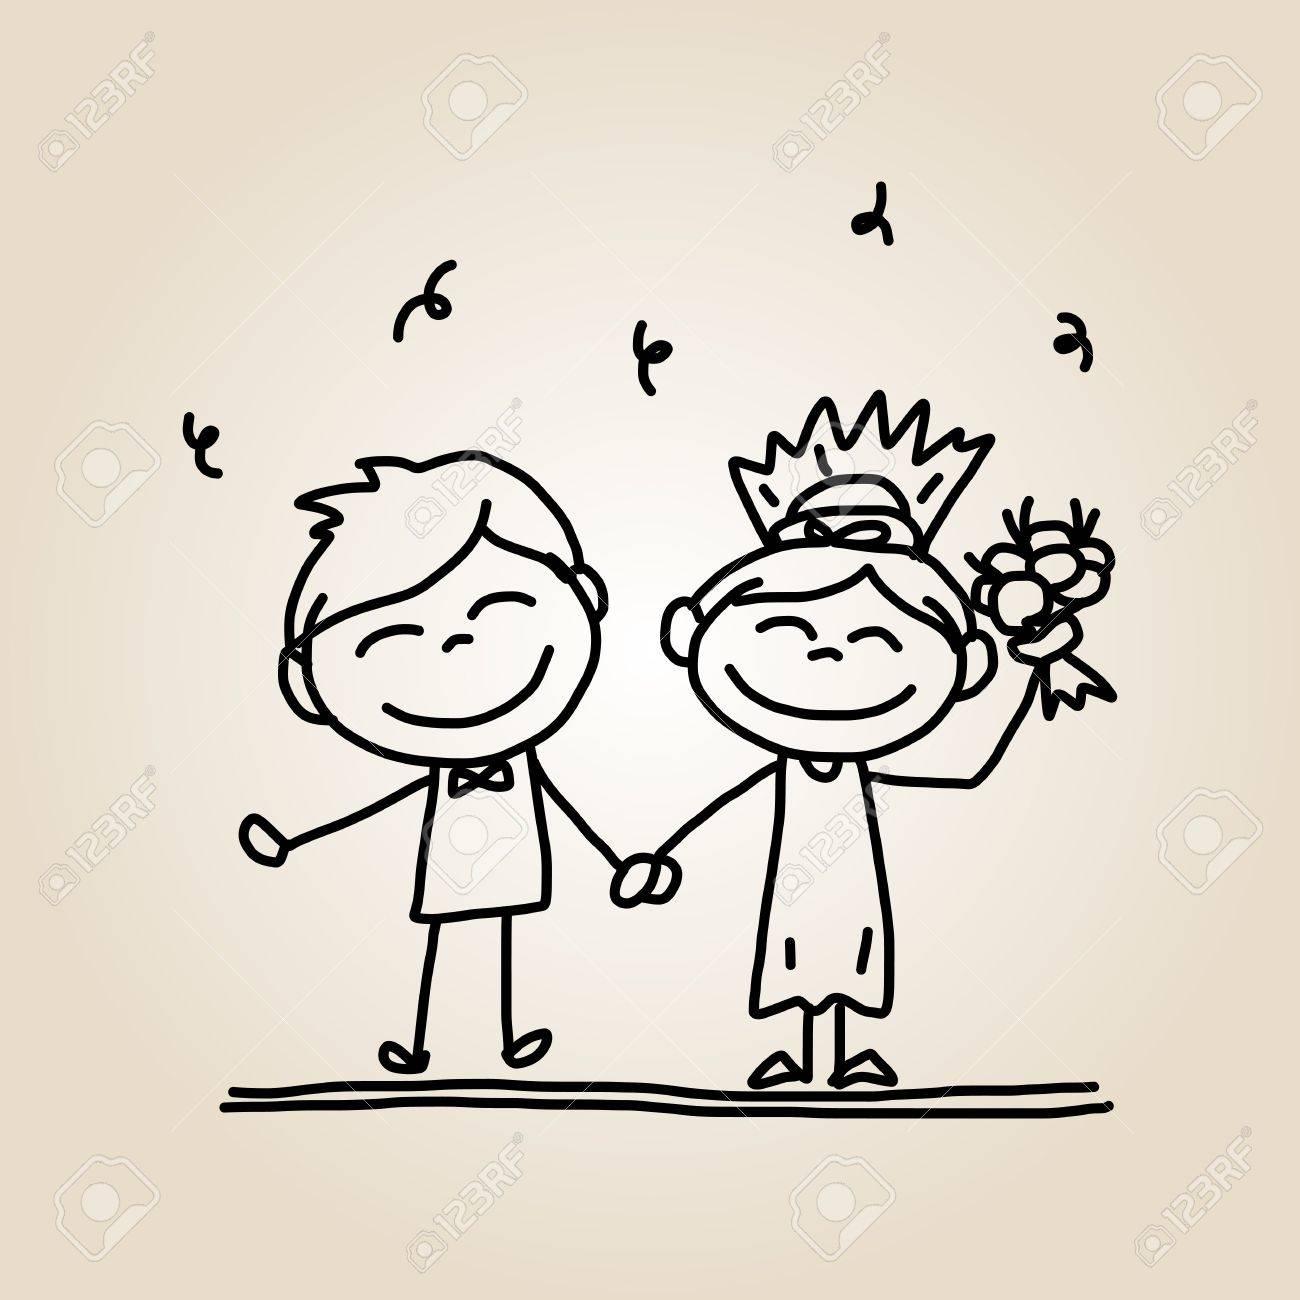 dessin animé mariage dessin à la main de bande dessinée les gens heureux mariage Illustration